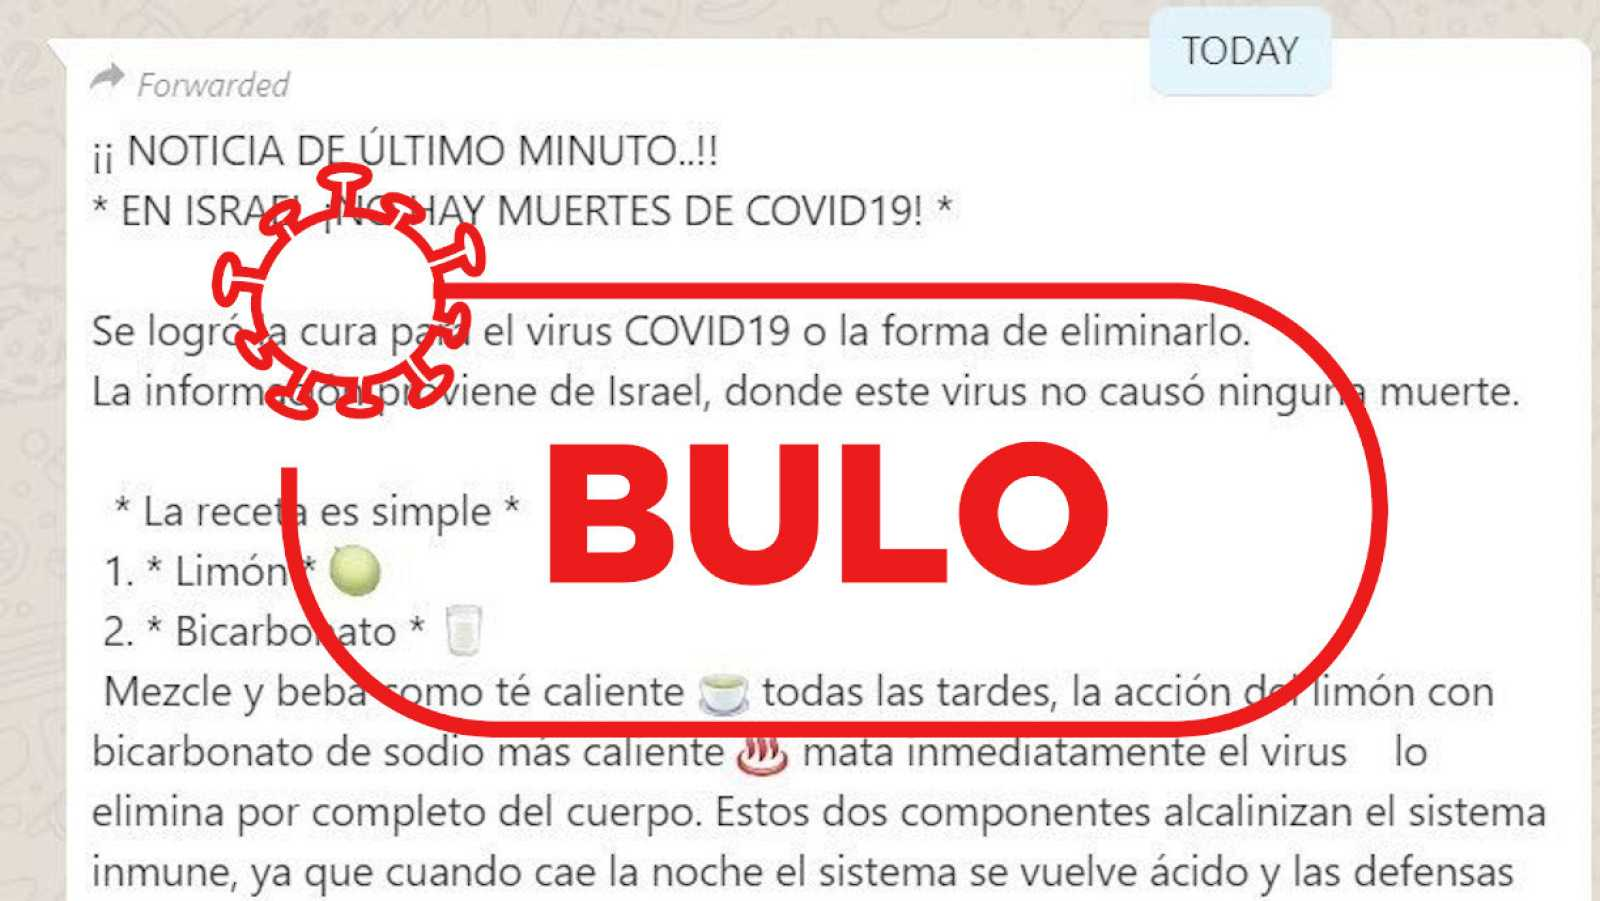 Detalle de la captura del bulo que circula por whatsapp con la supuesta receta casera contra el coronavirus.